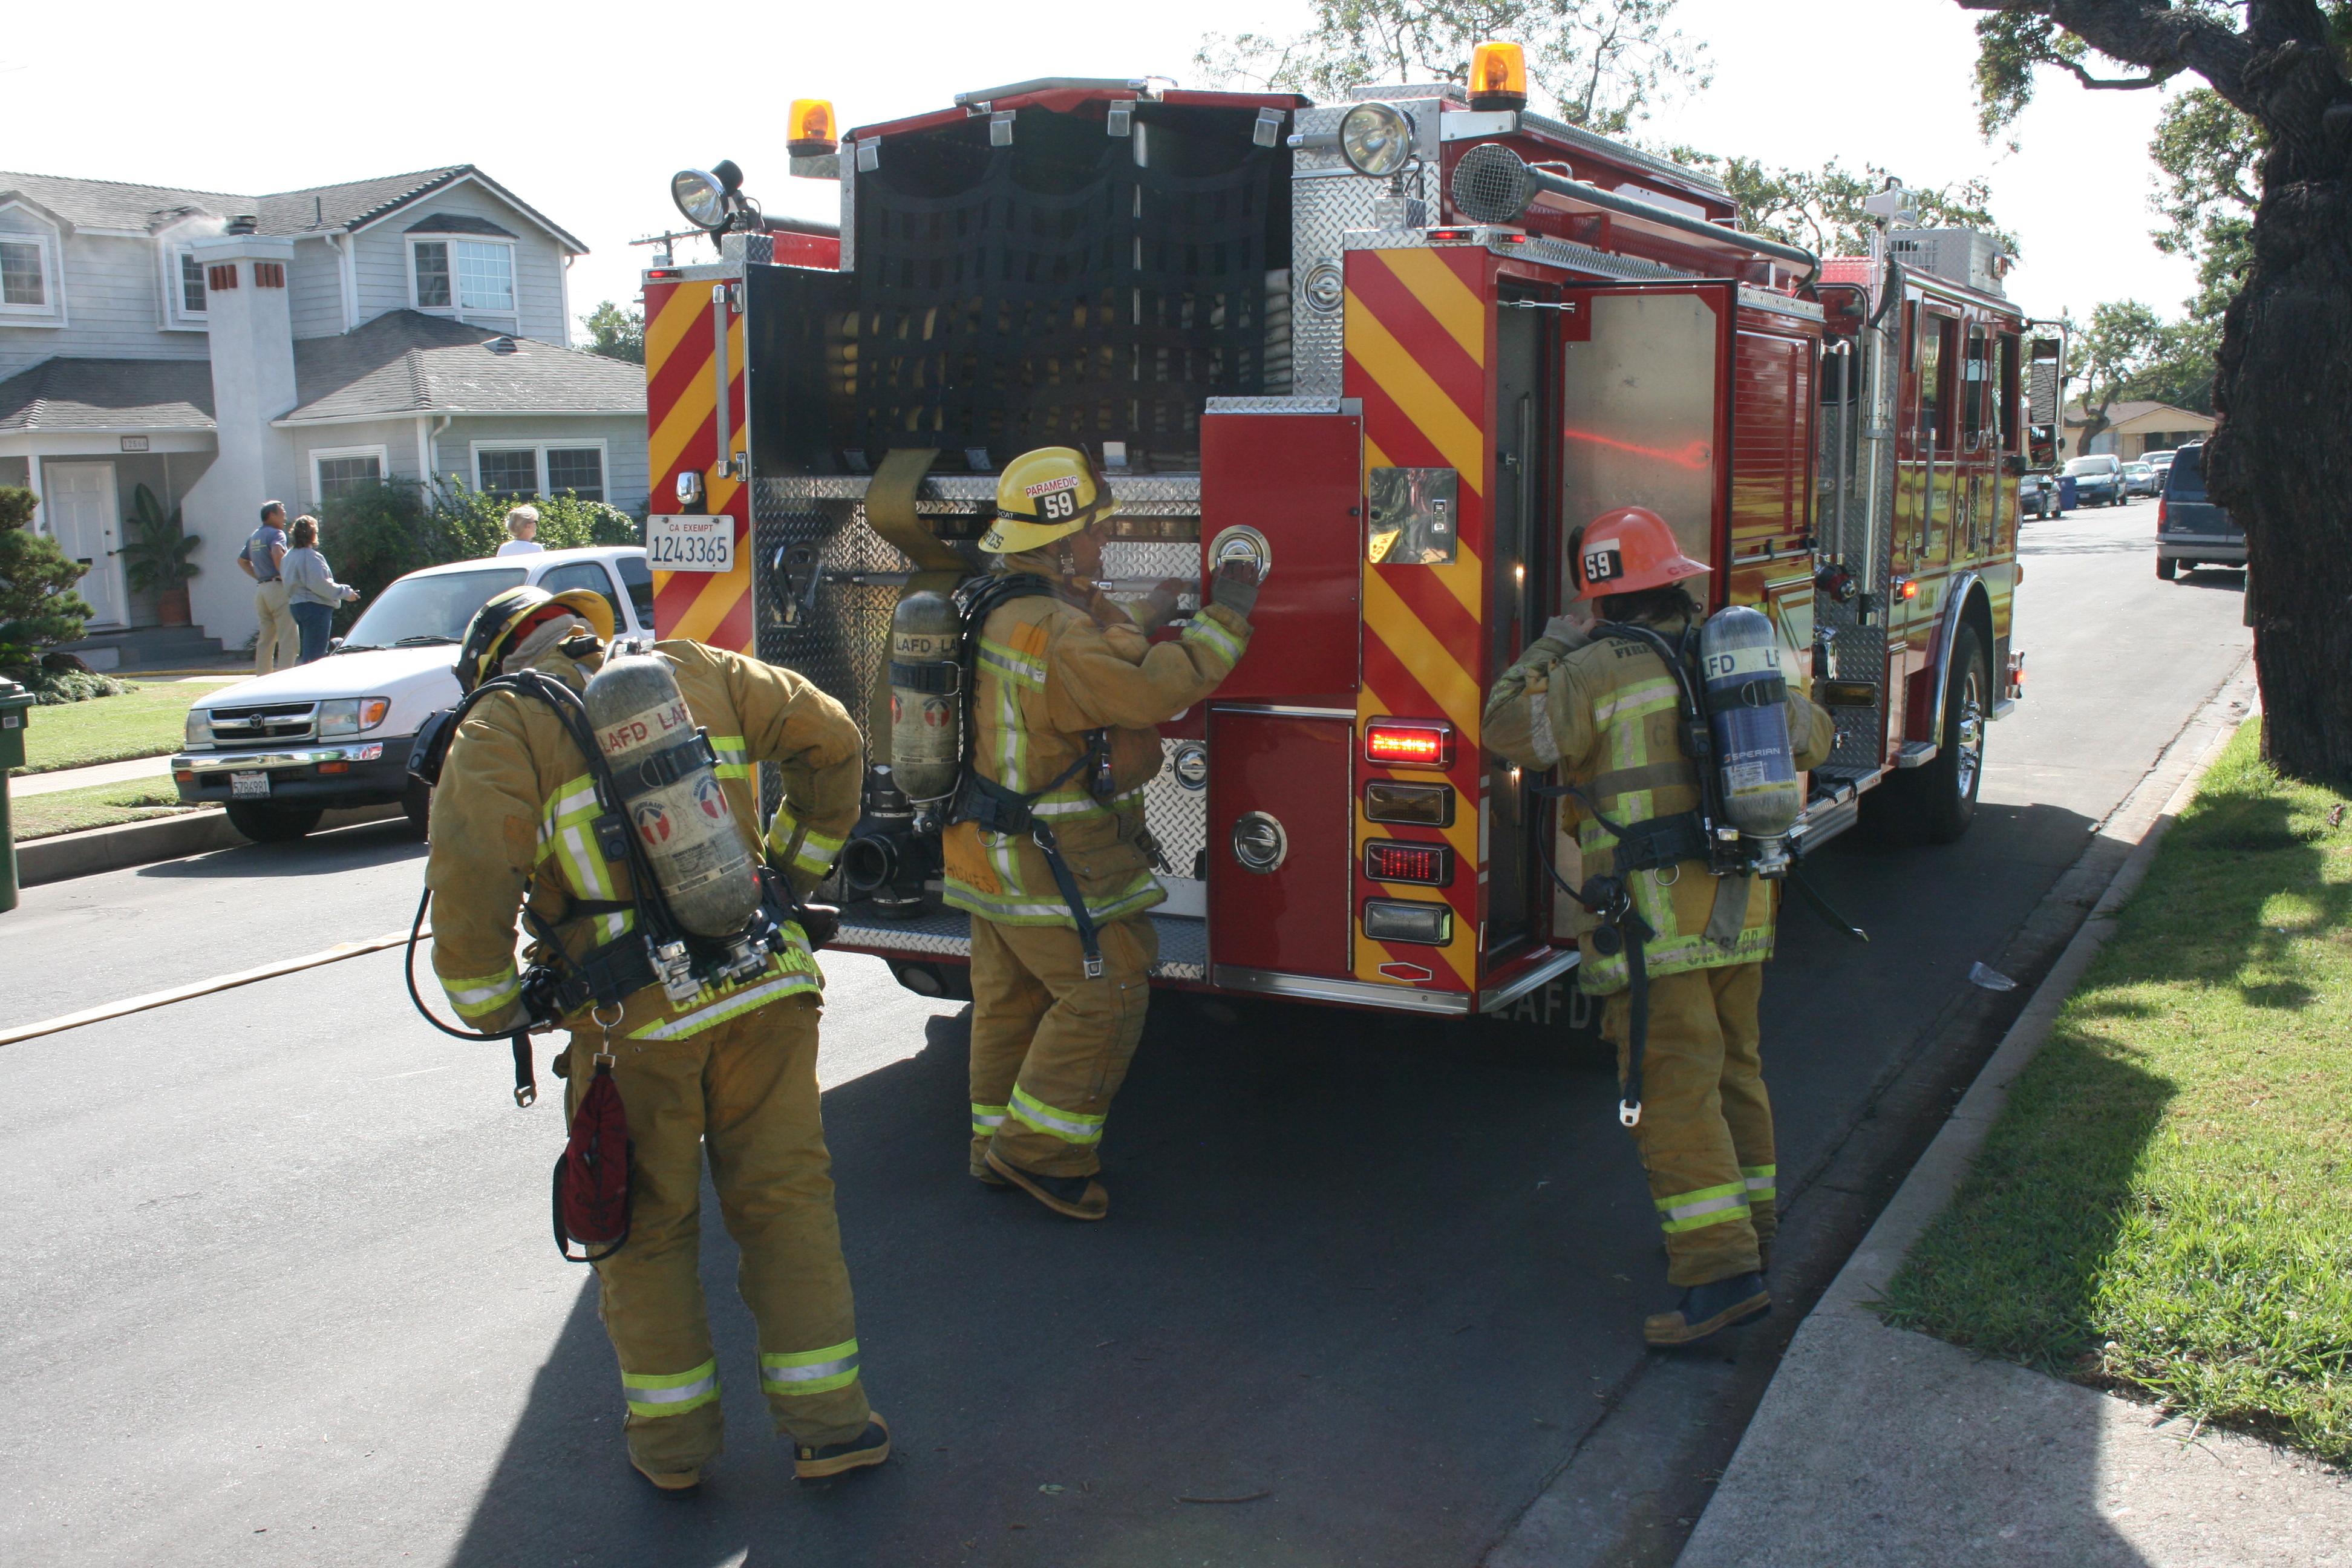 File:LA City Firefighters Gear Up.jpg - Wikimedia Commons